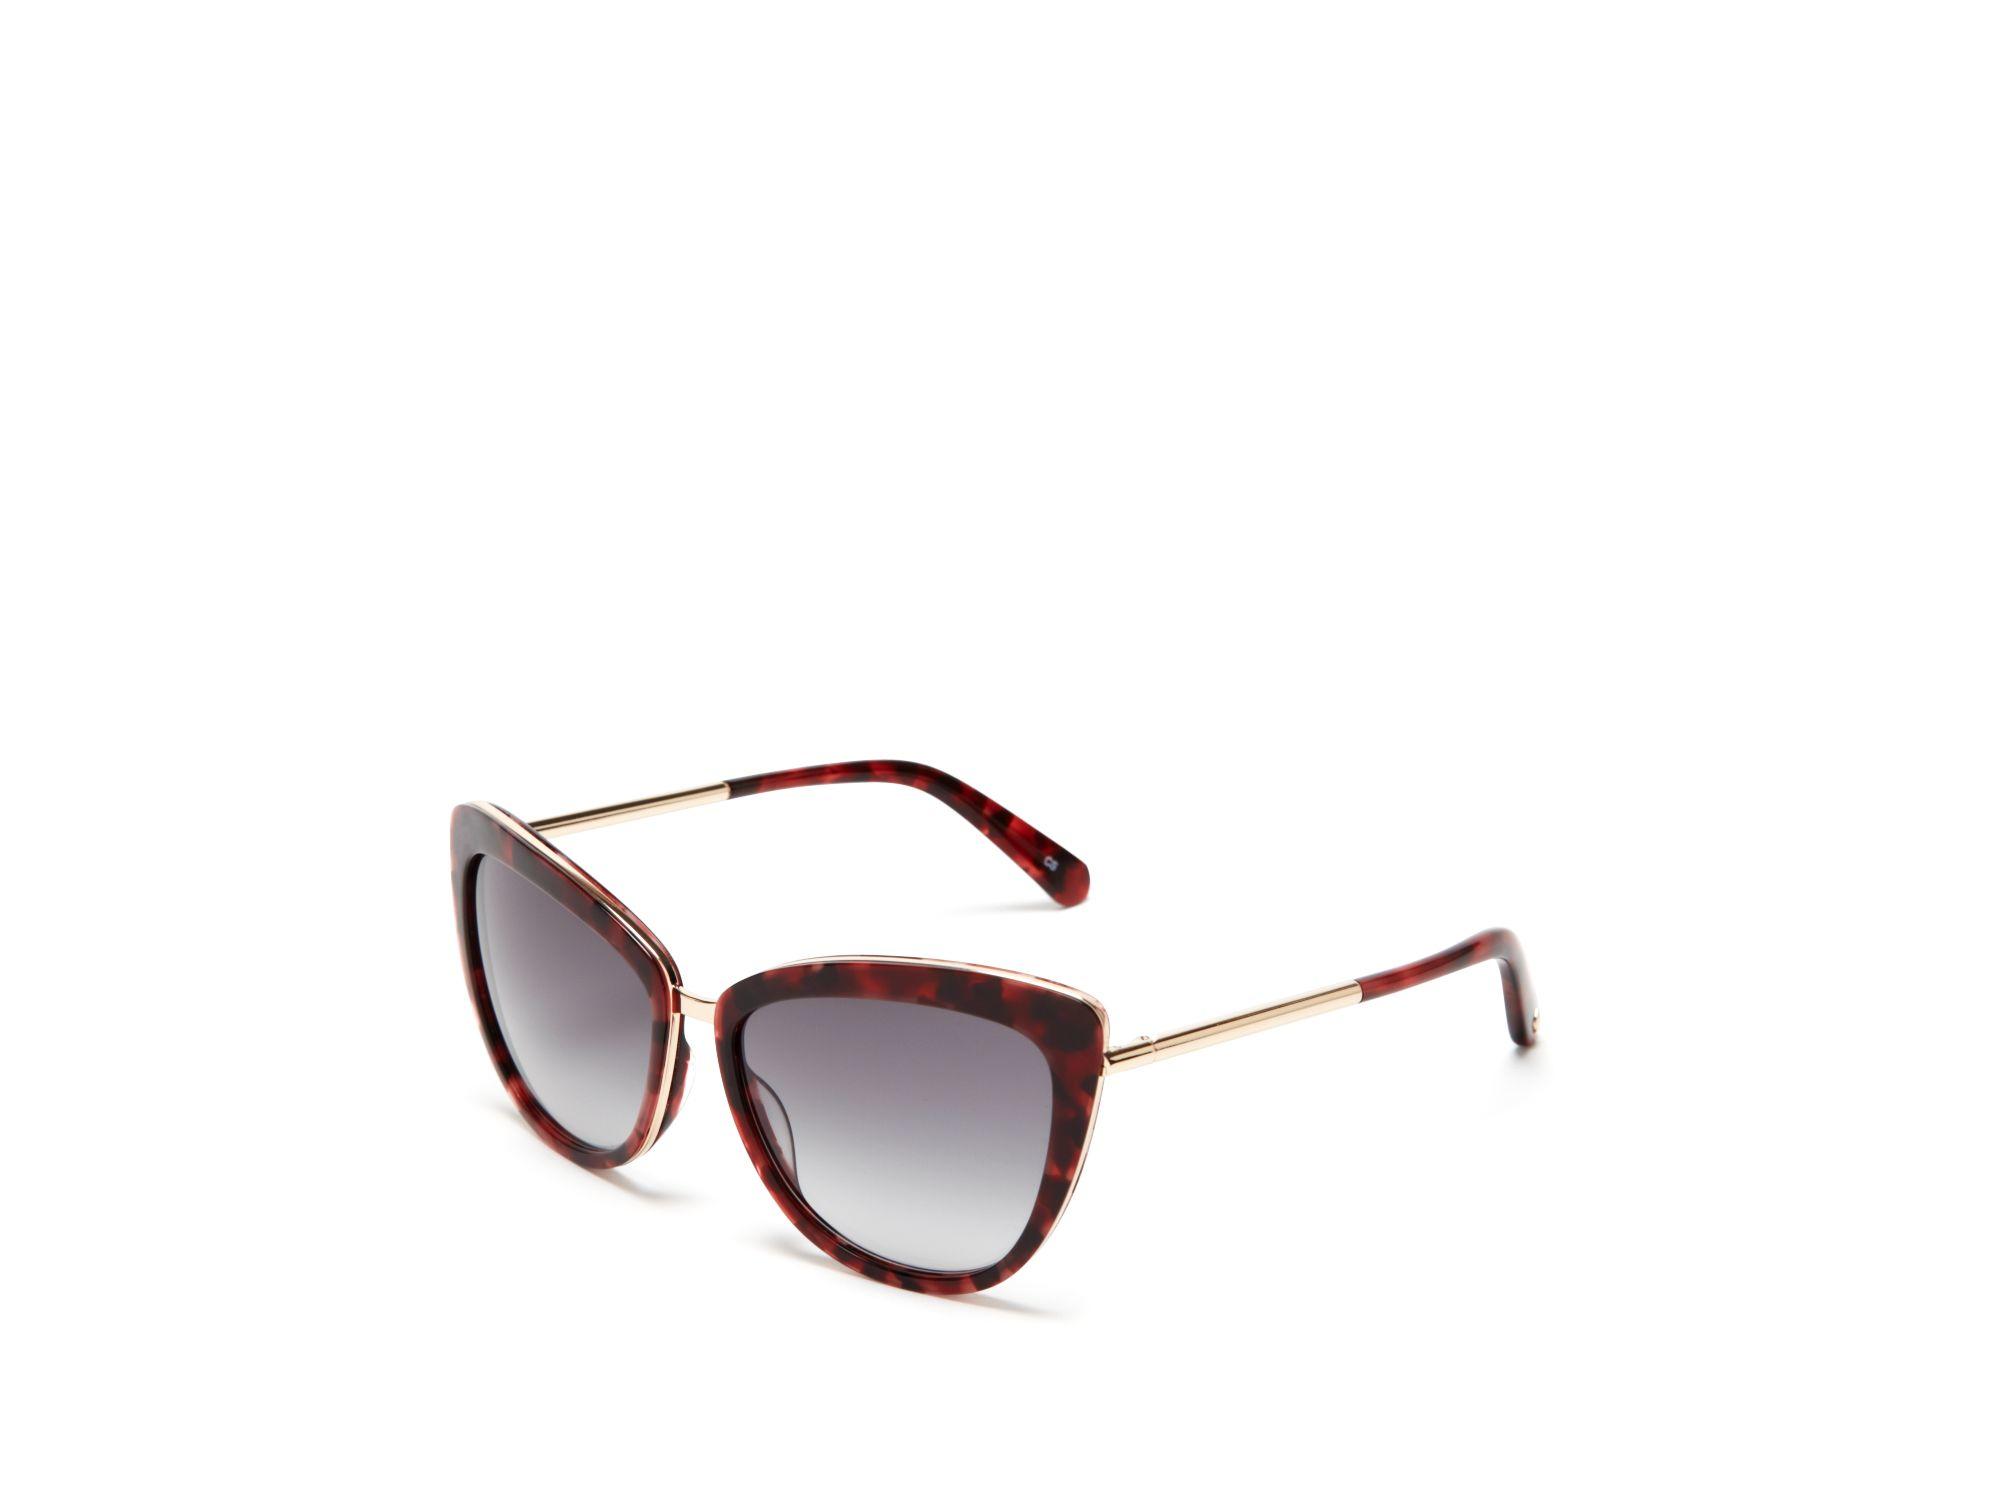 b852d895542e4 Kate Spade Kandi Combo Cat Eye Sunglasses